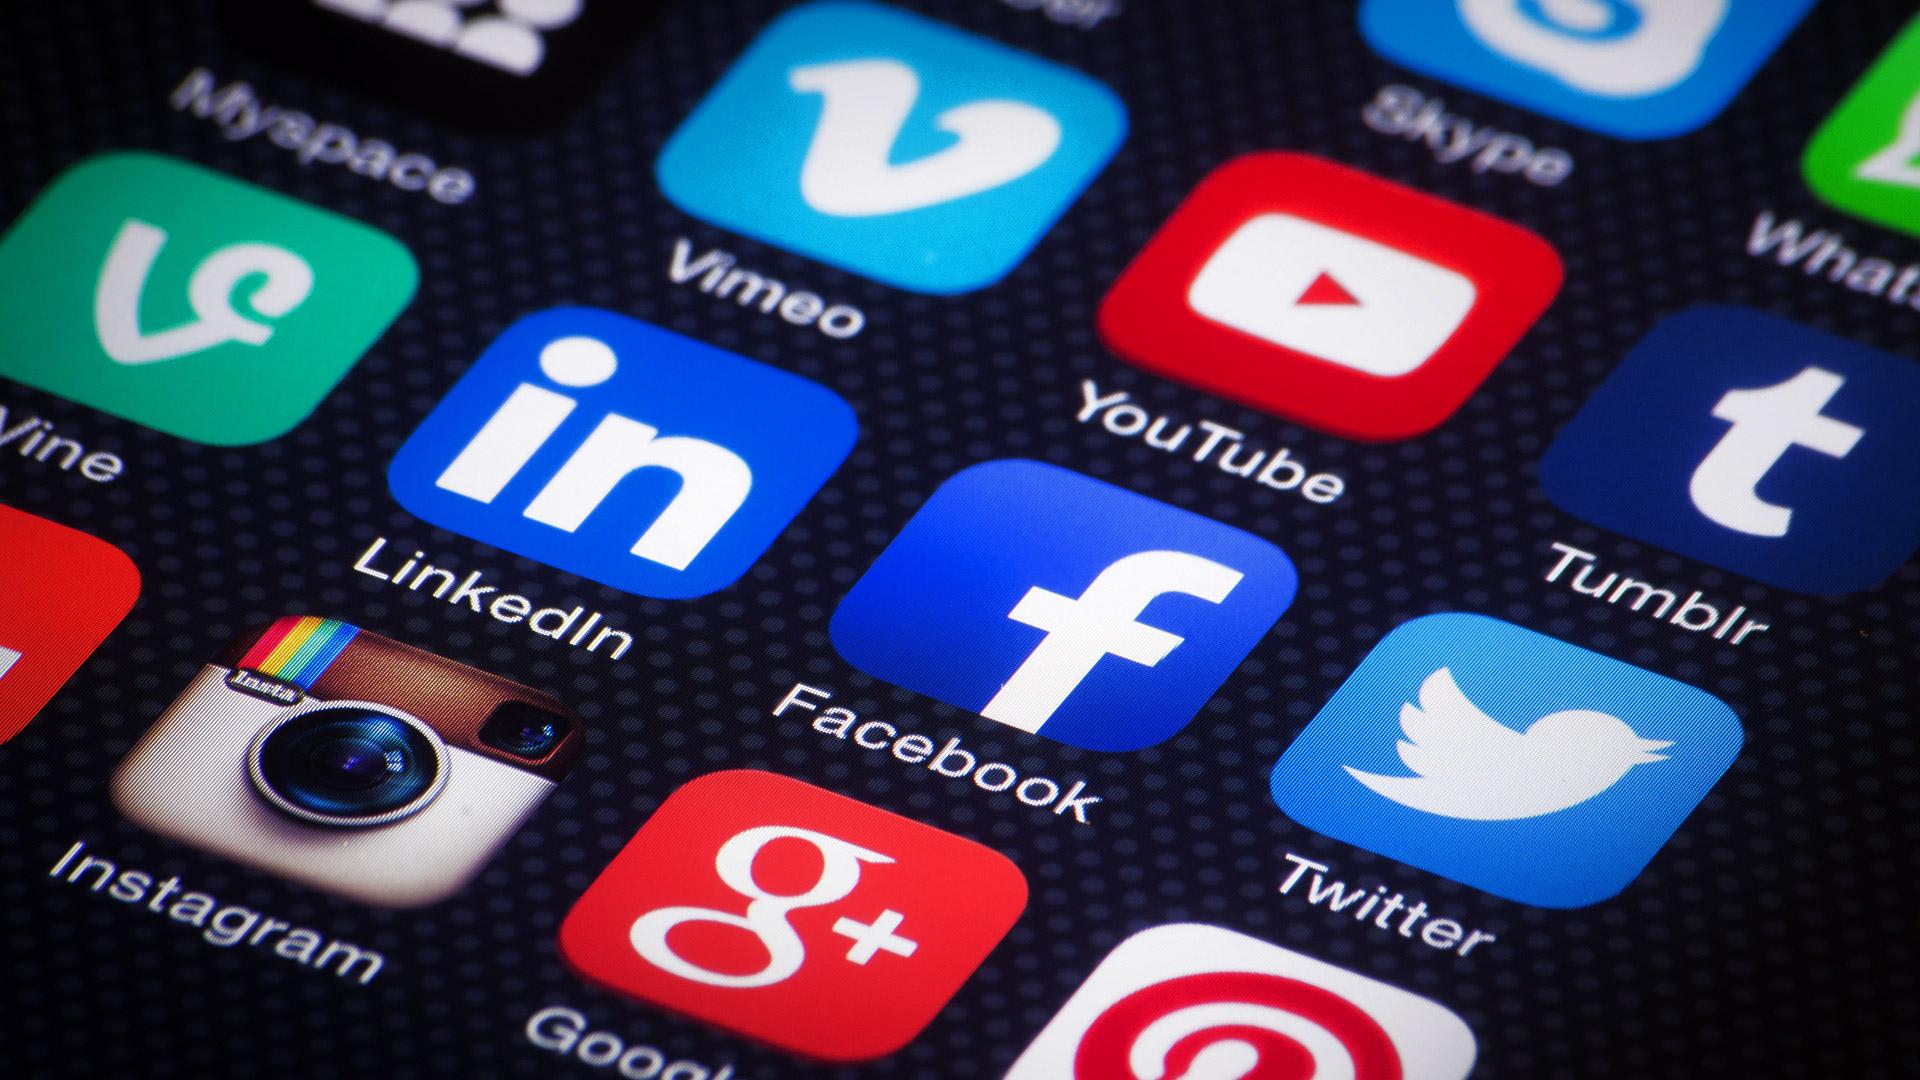 social-media-mobile-apps-ss-192020180725151438